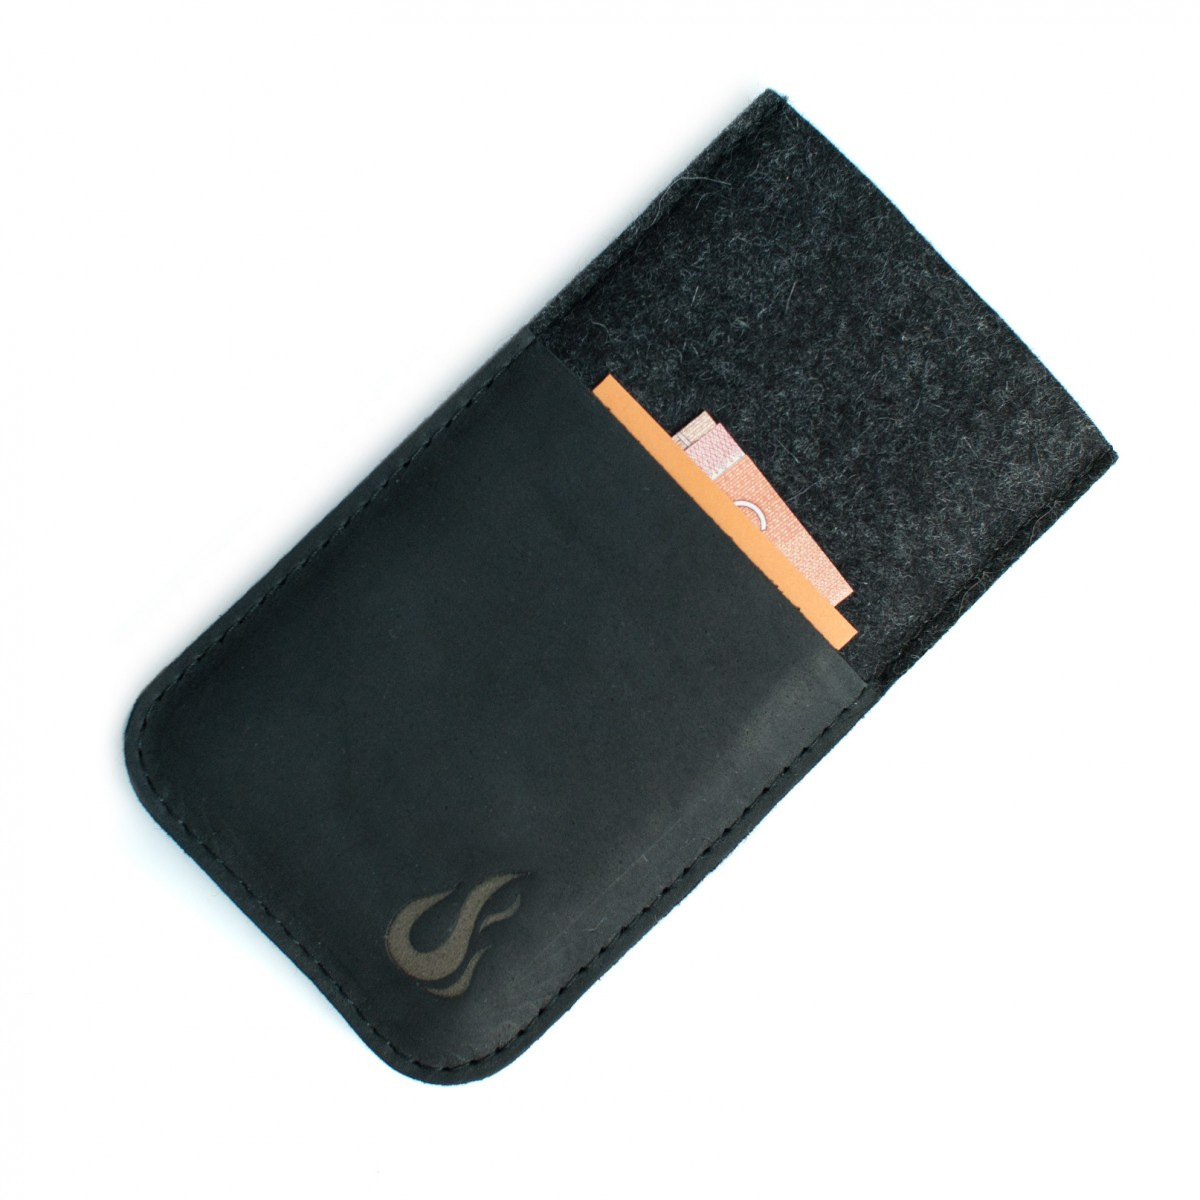 Hülle für iPhone 12 Pro Max mit Visitenkartenfach- charcoal/black (Filz und Leder) - Burning Love